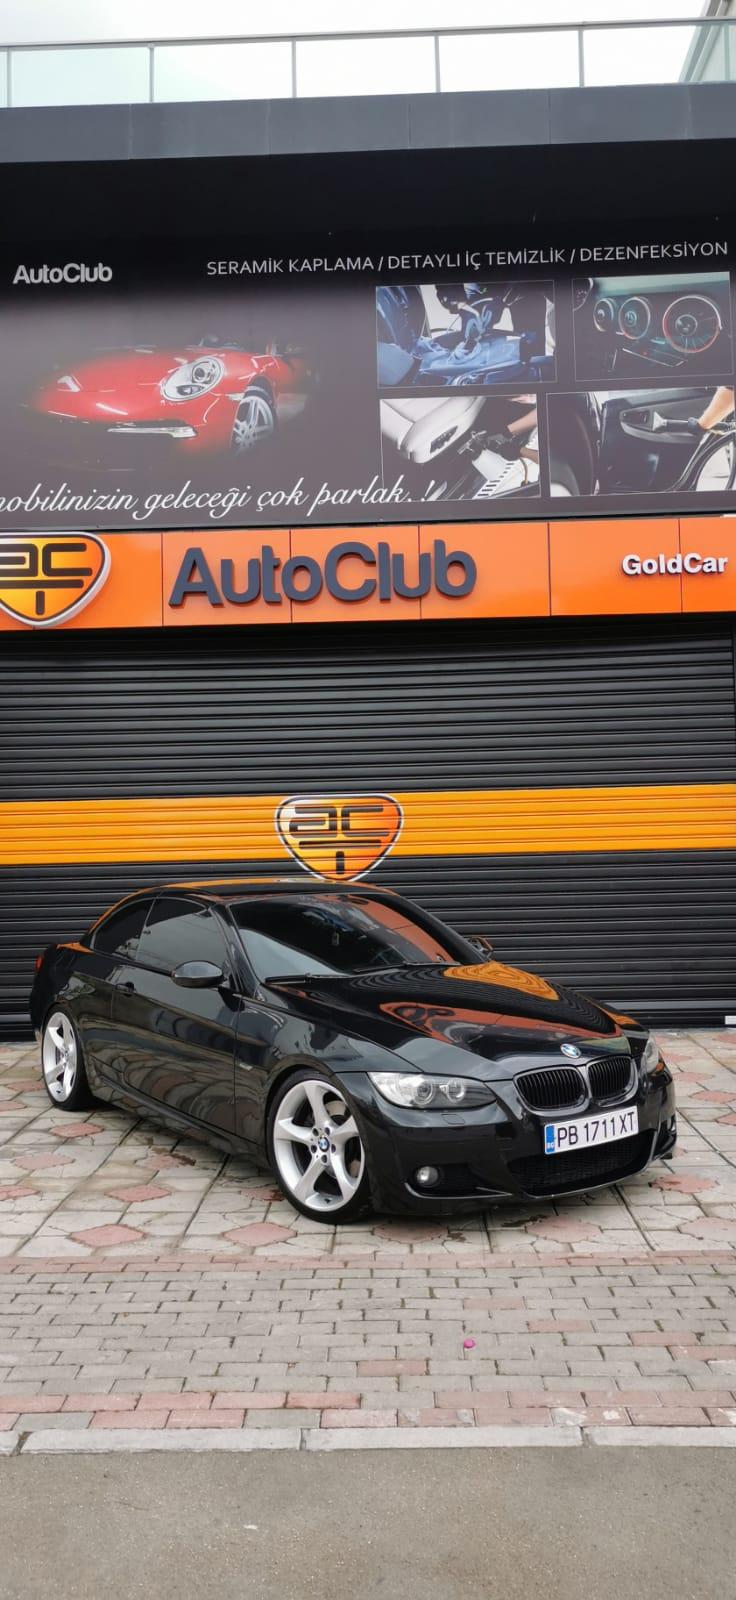 AutoClub Gold Car - Bursa